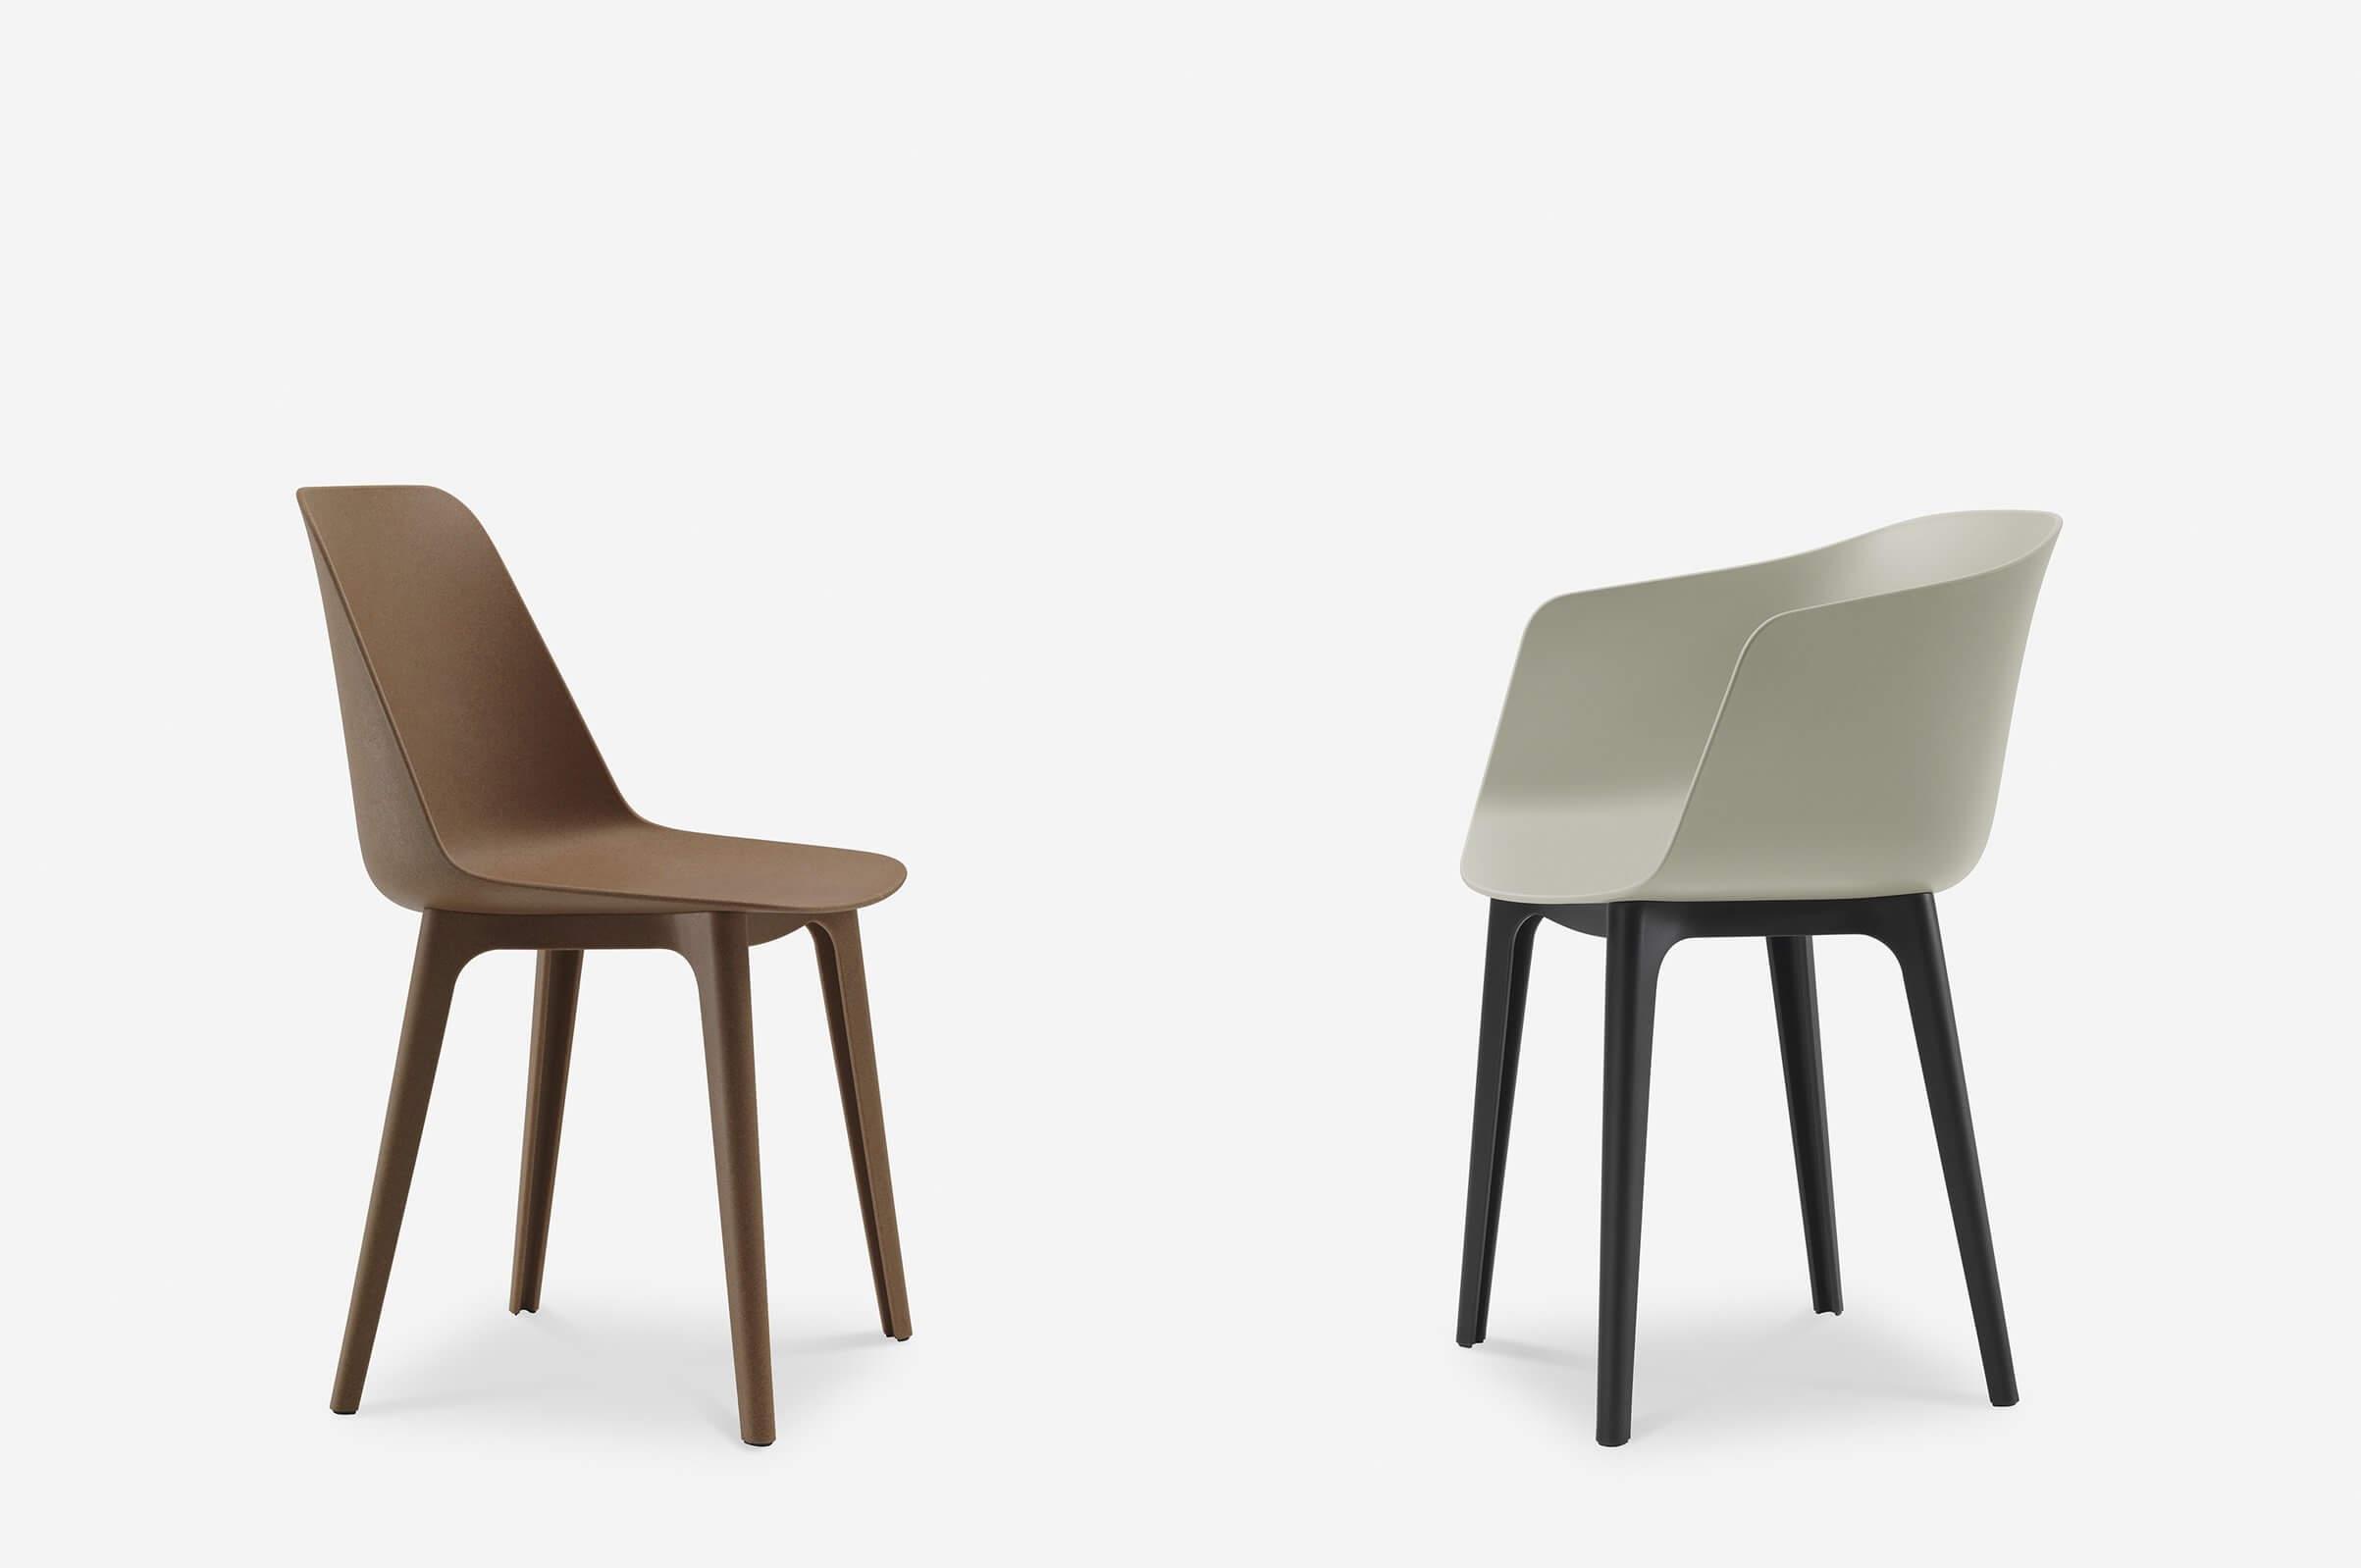 Chaise en plastique design recyclable